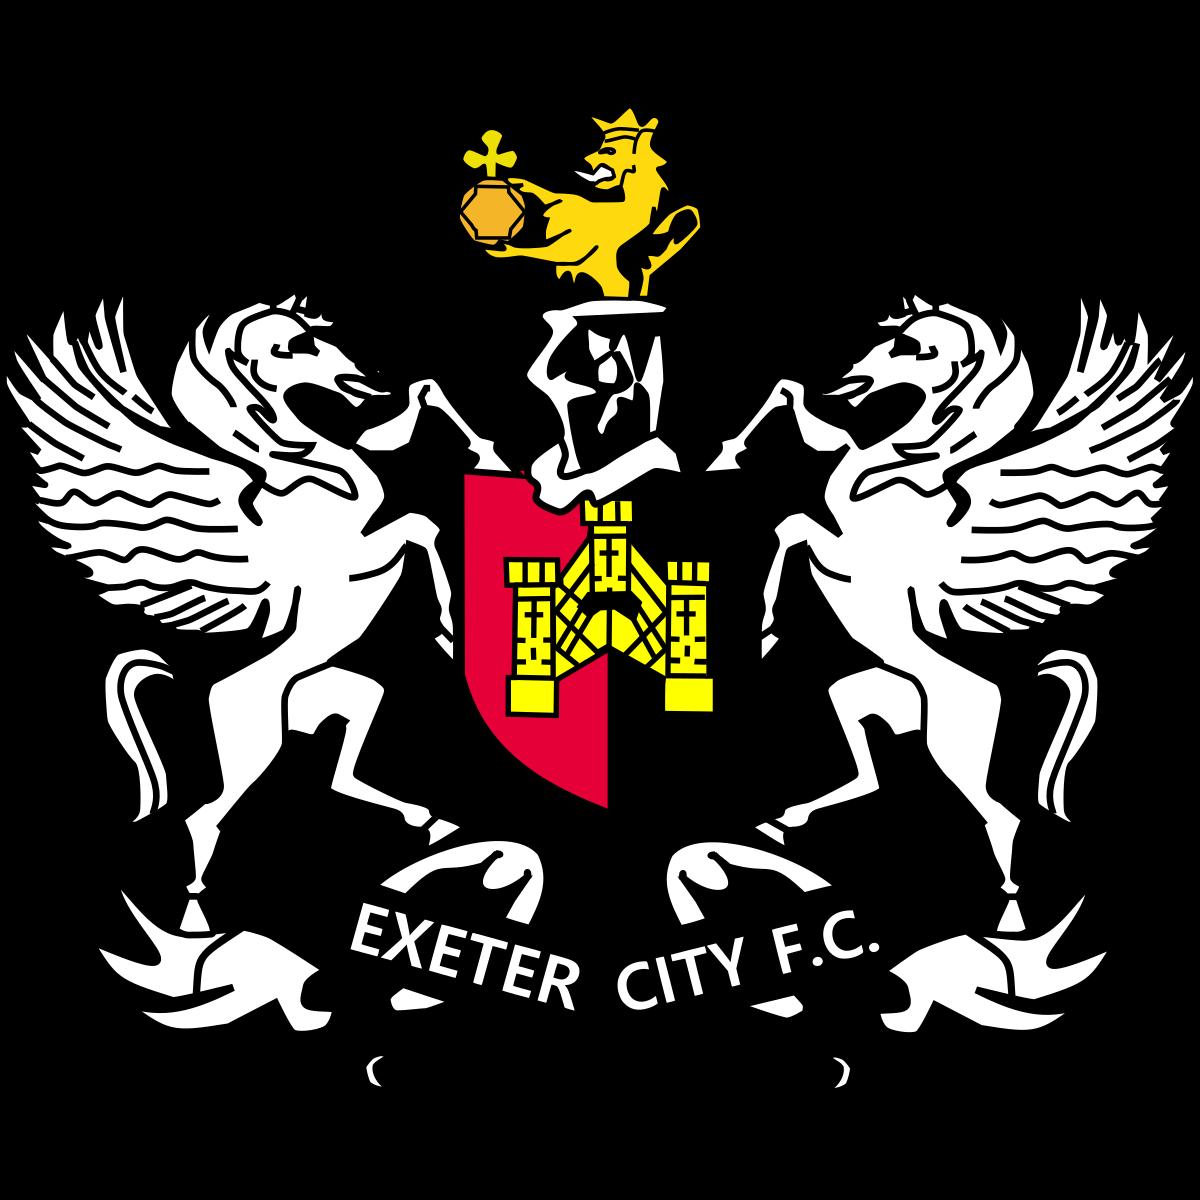 Exeter U-23 logo